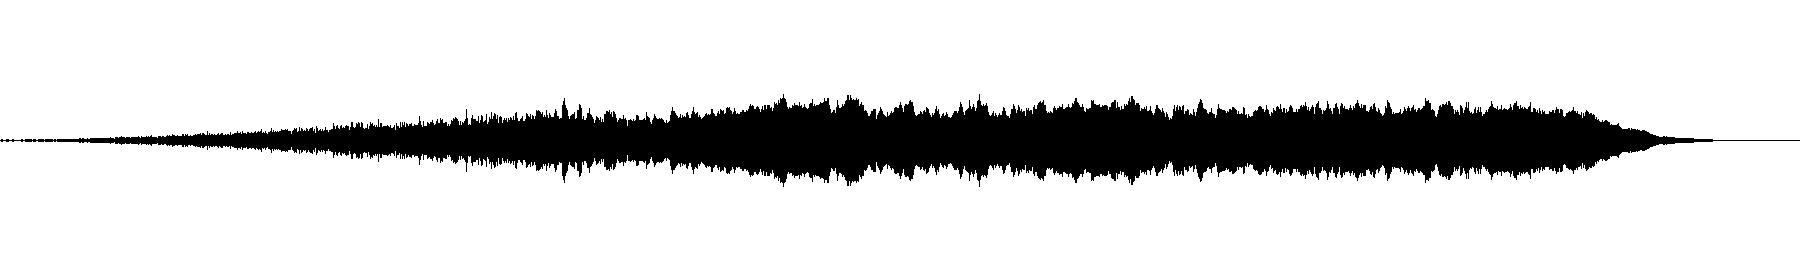 str glissoct 10 xs